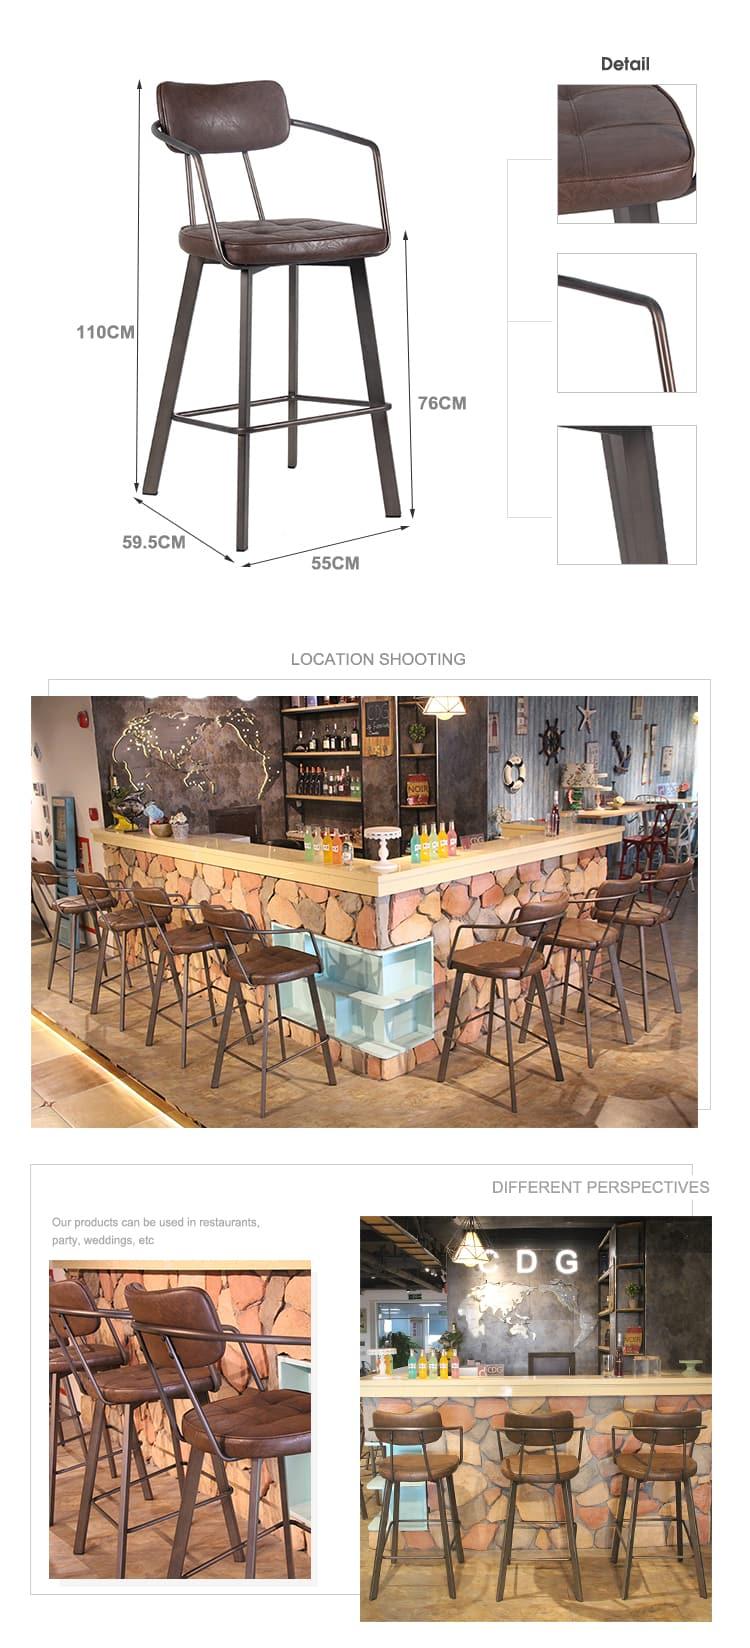 كرسي طعام بإطار معدني إيطالي منسوج من الجلد الطبيعي باللون البني 795M-H45-STPU (2)